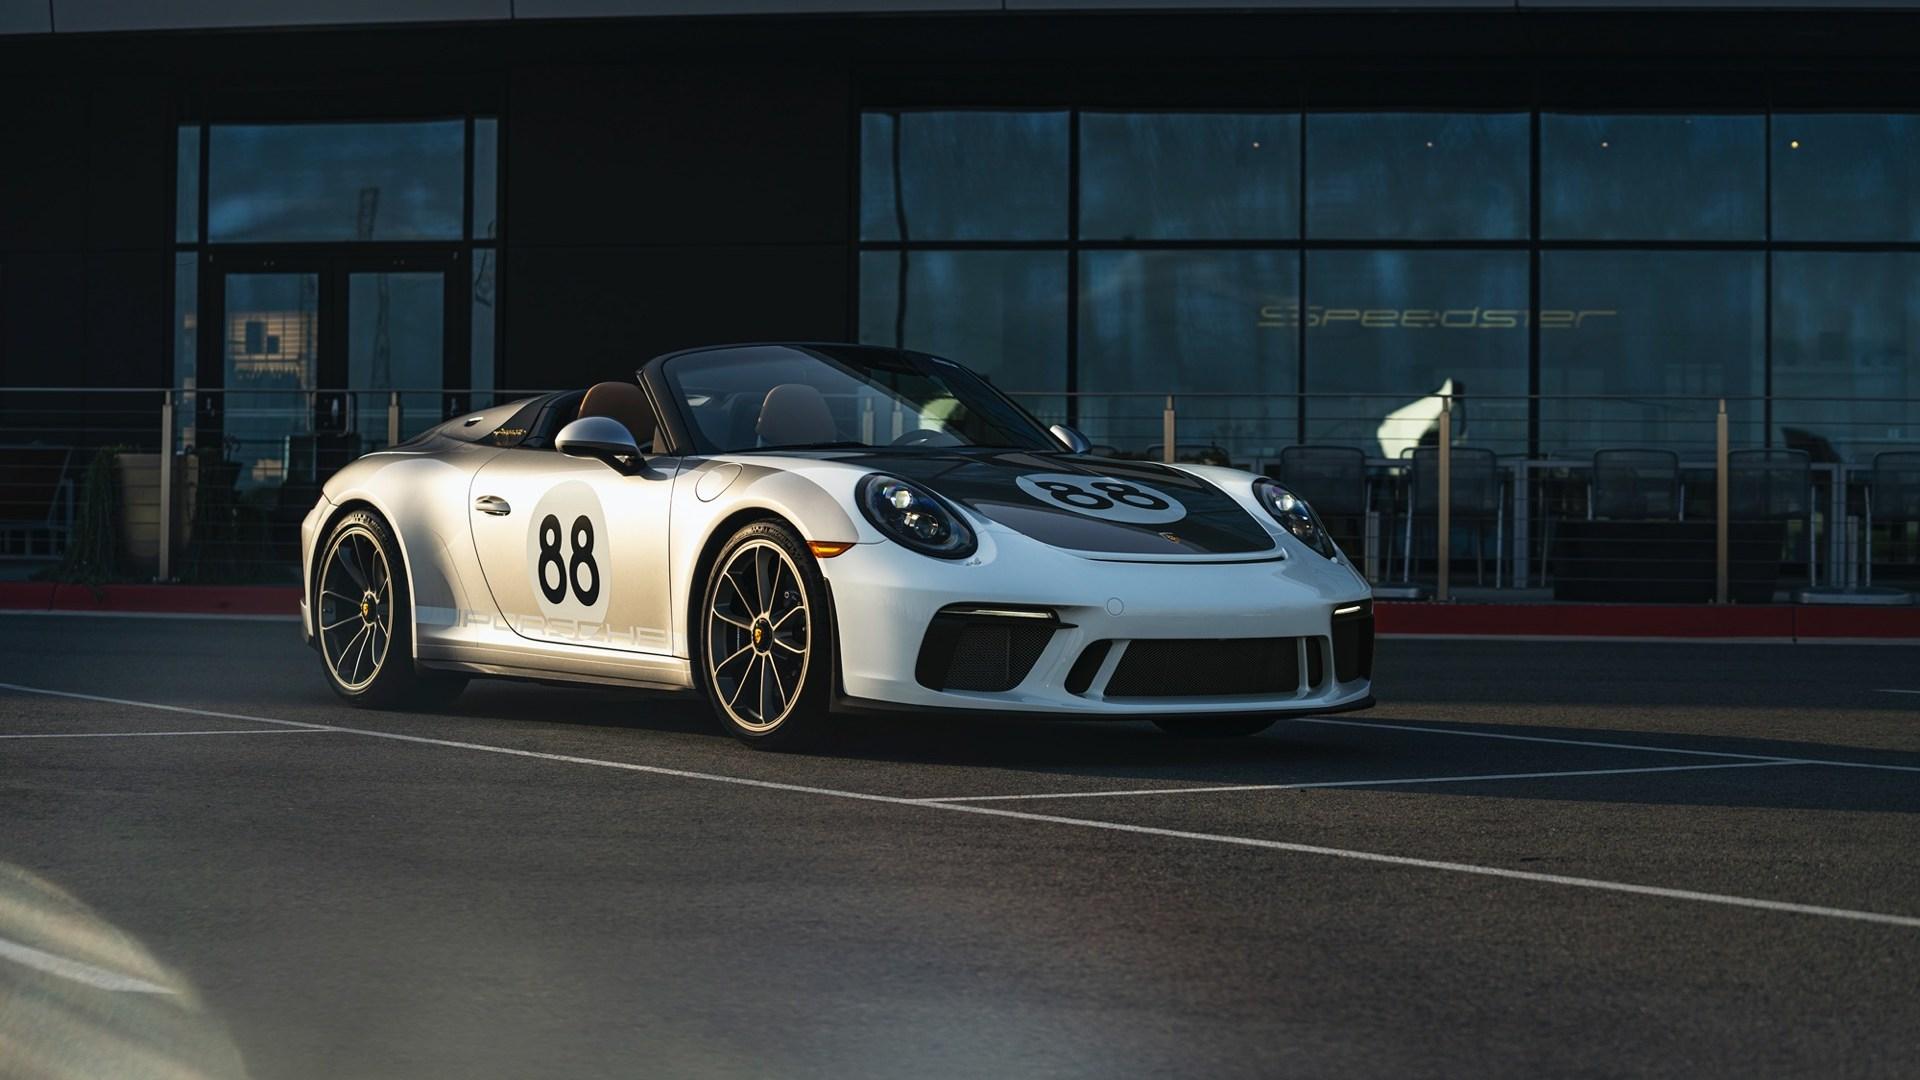 El último Porsche 911 (991) sale a subasta para luchar contra el COVID-19